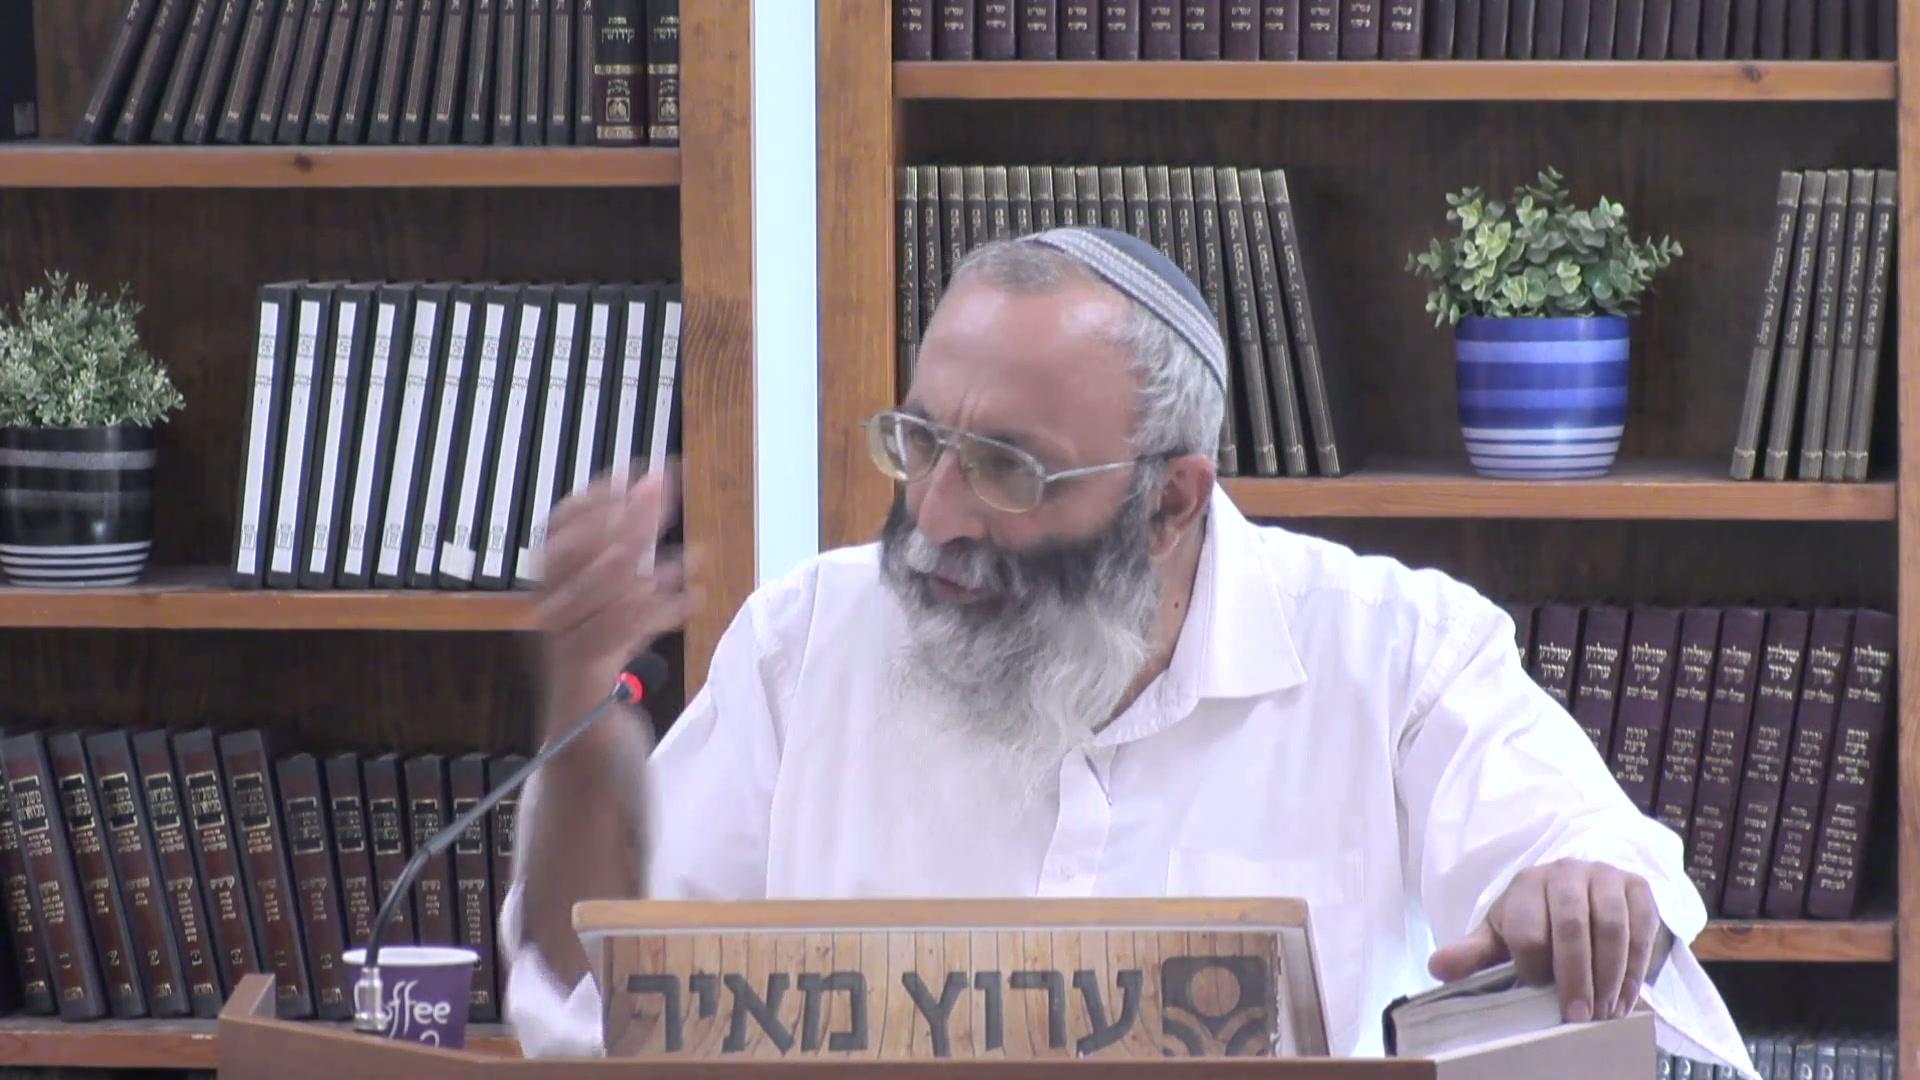 צערם של ישראל הוא דבר שיוצא ממנהגו של עולם